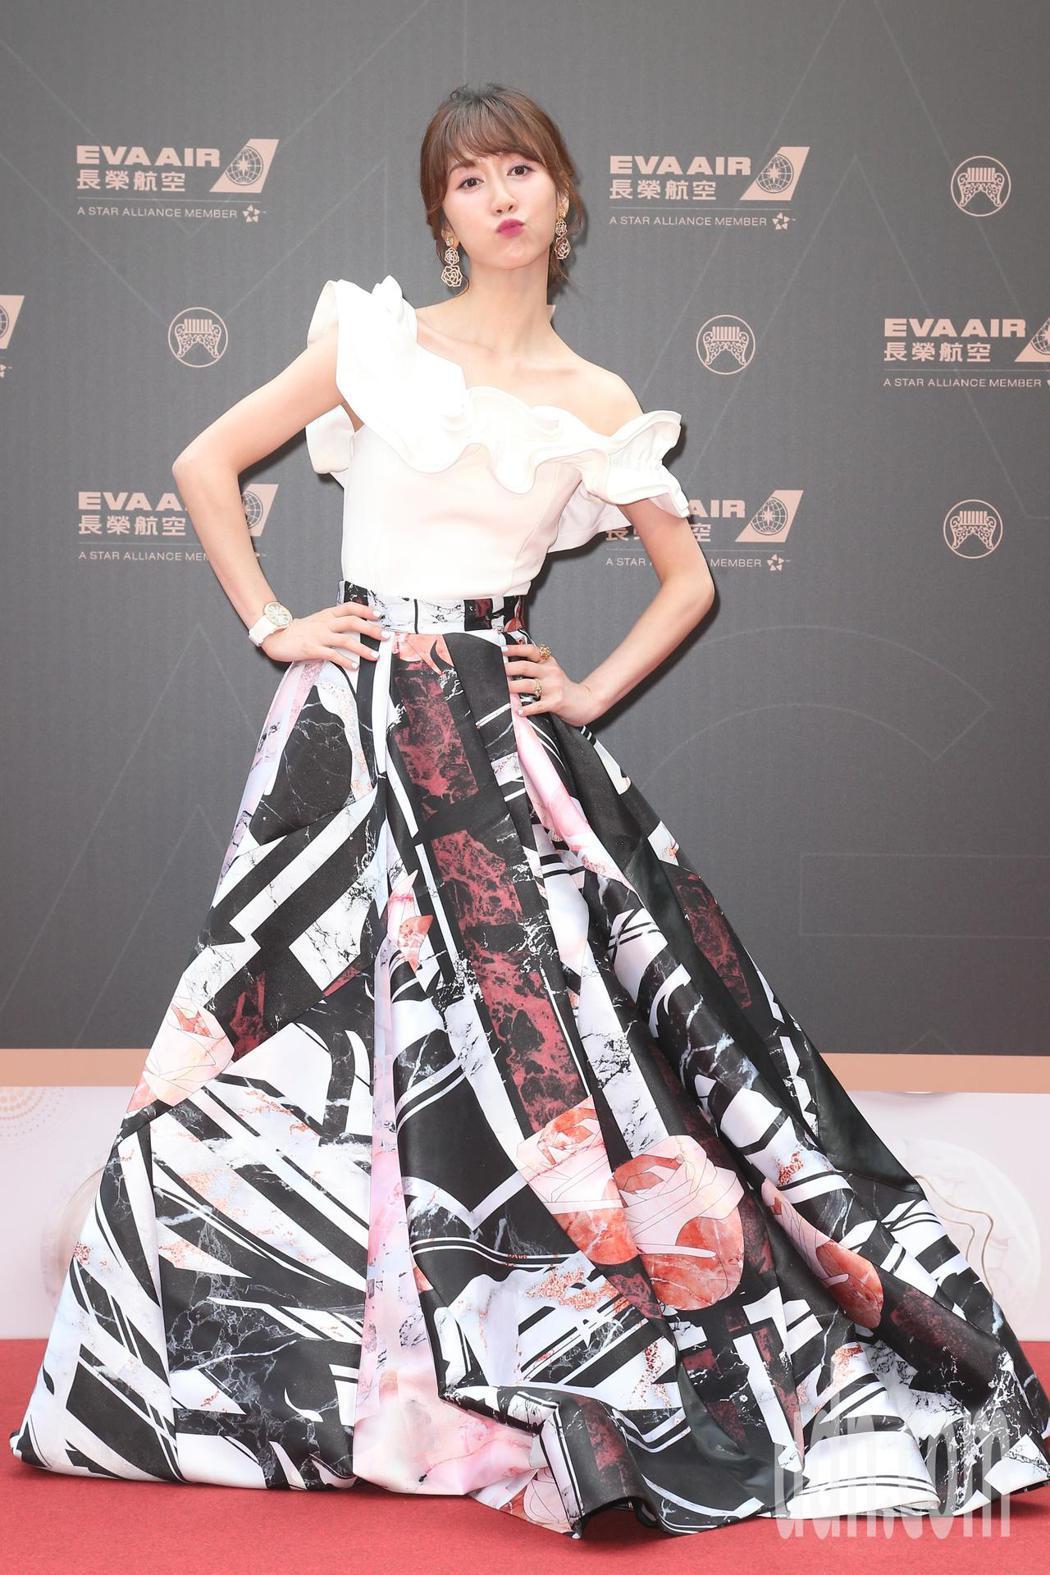 第30屆金曲獎,星光大道主持人瑪麗 。記者陳立凱/攝影